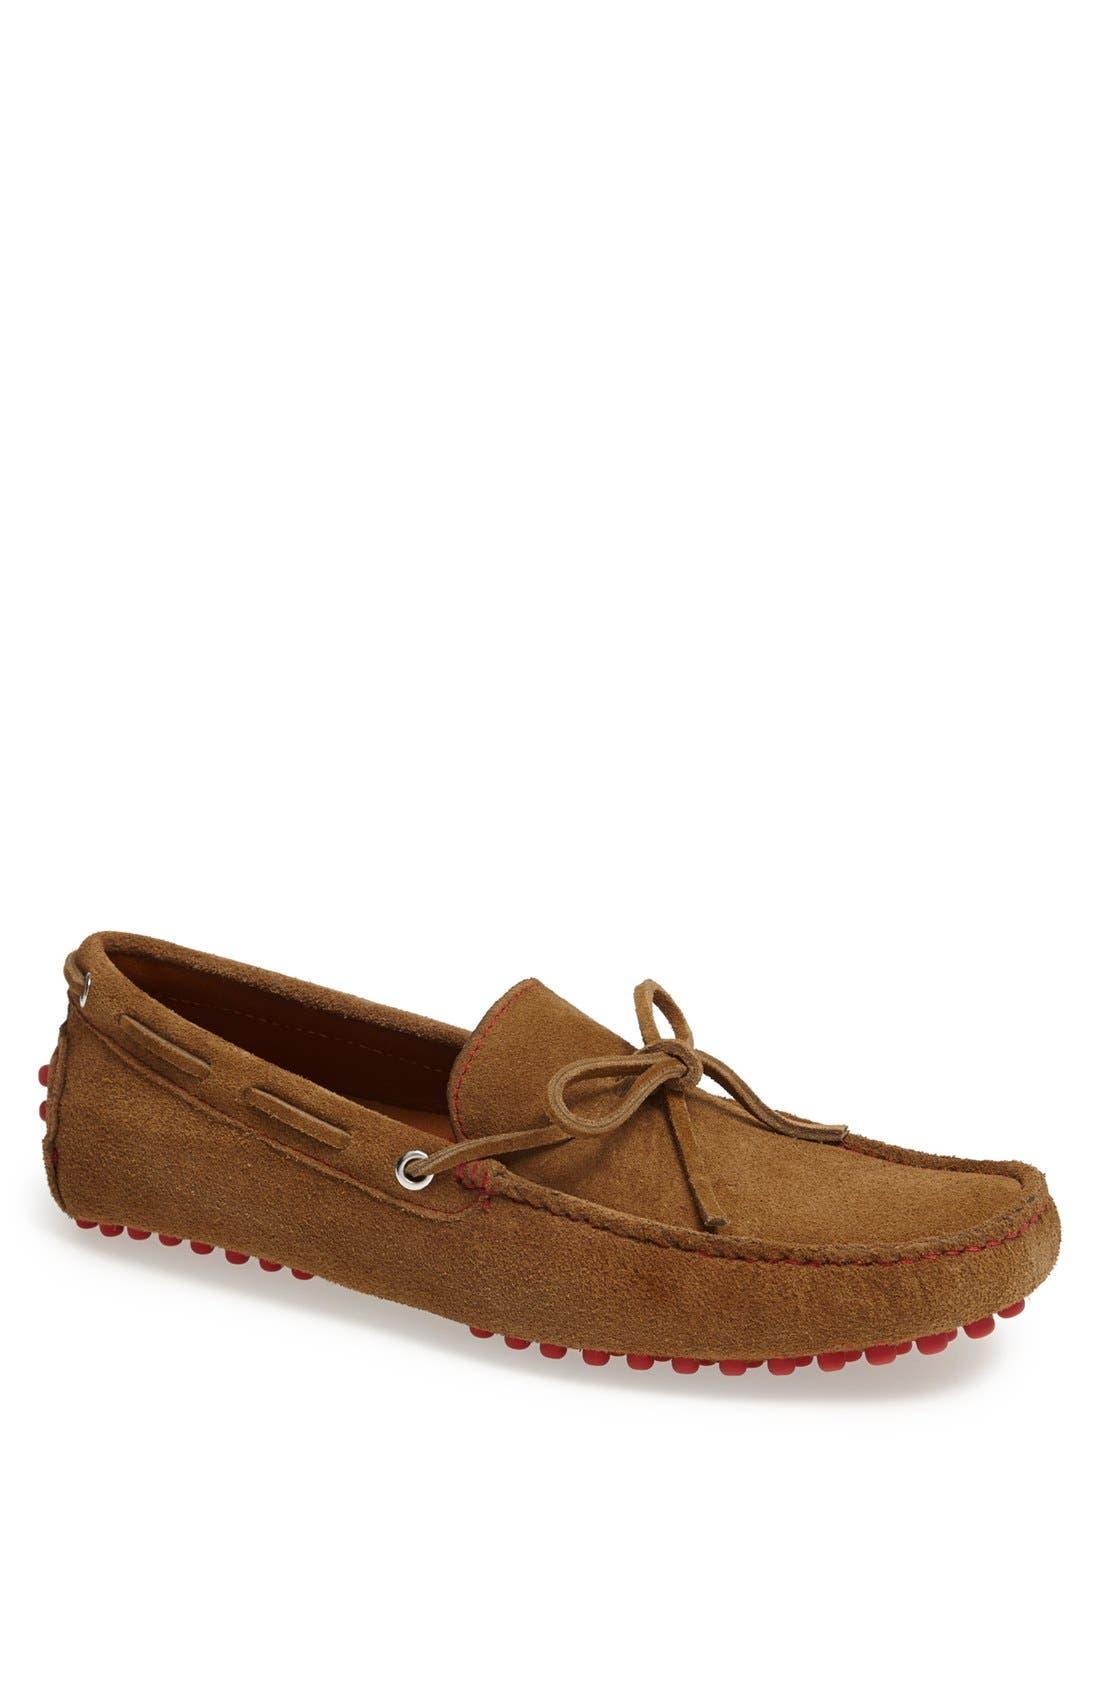 'Capri' Suede Driving Shoe,                         Main,                         color, 205